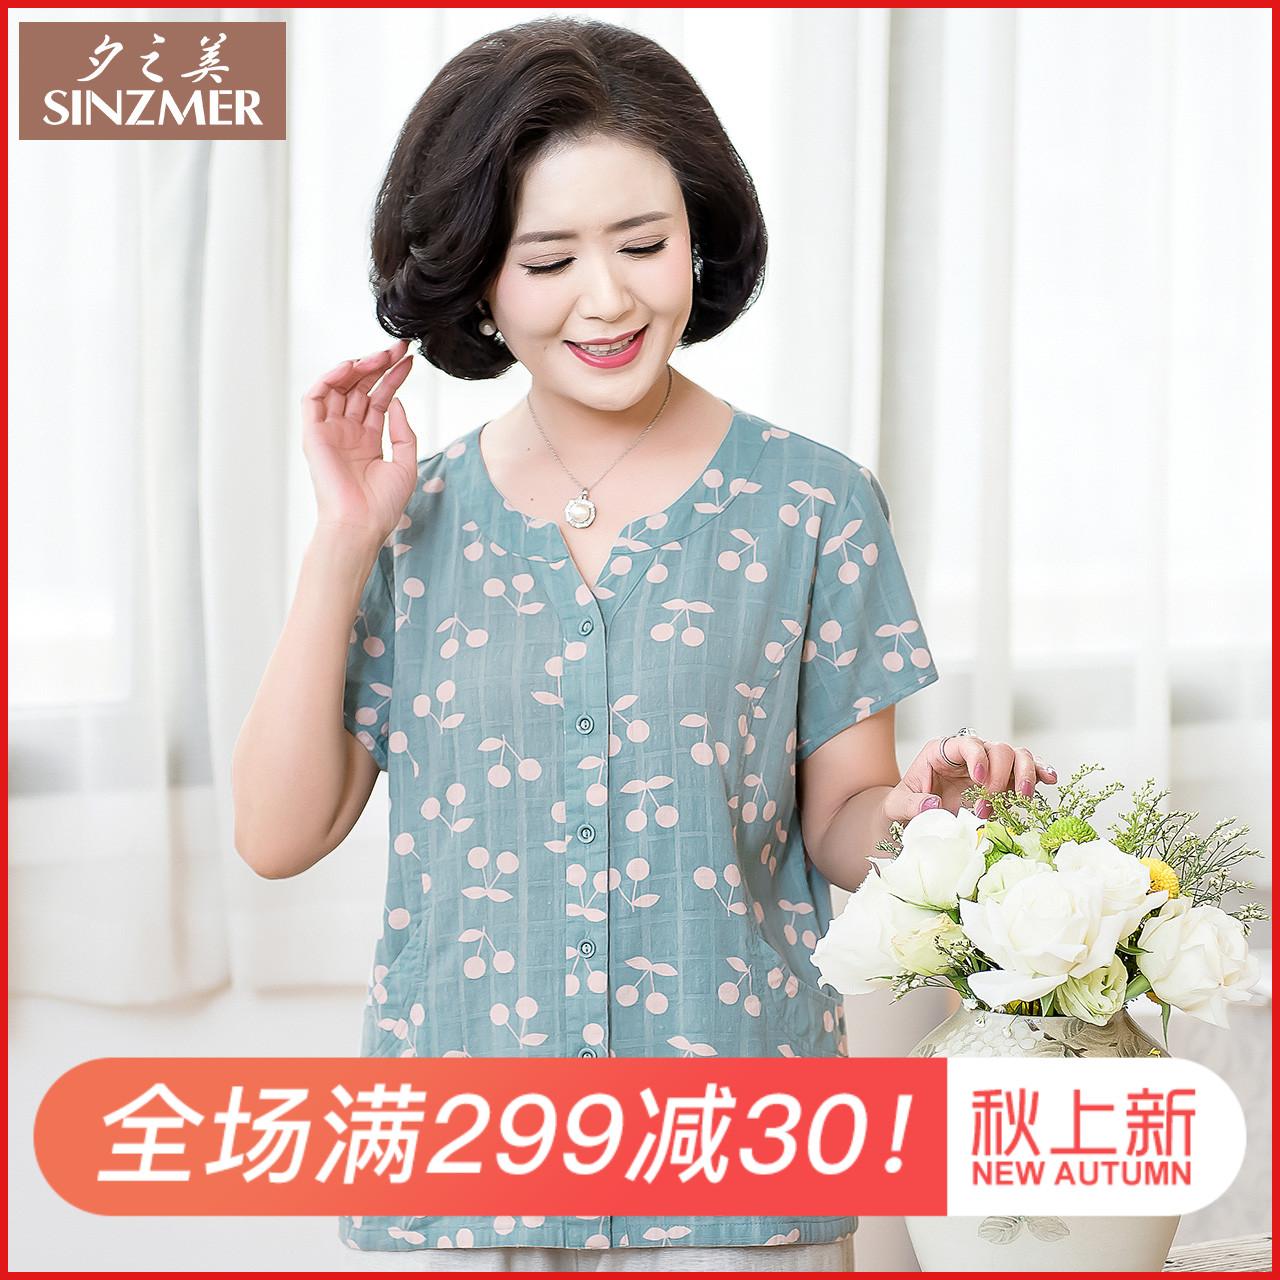 中老年女装夏季短袖衬衫胖妈妈装纯棉麻T恤老人奶奶衬衣服装大码